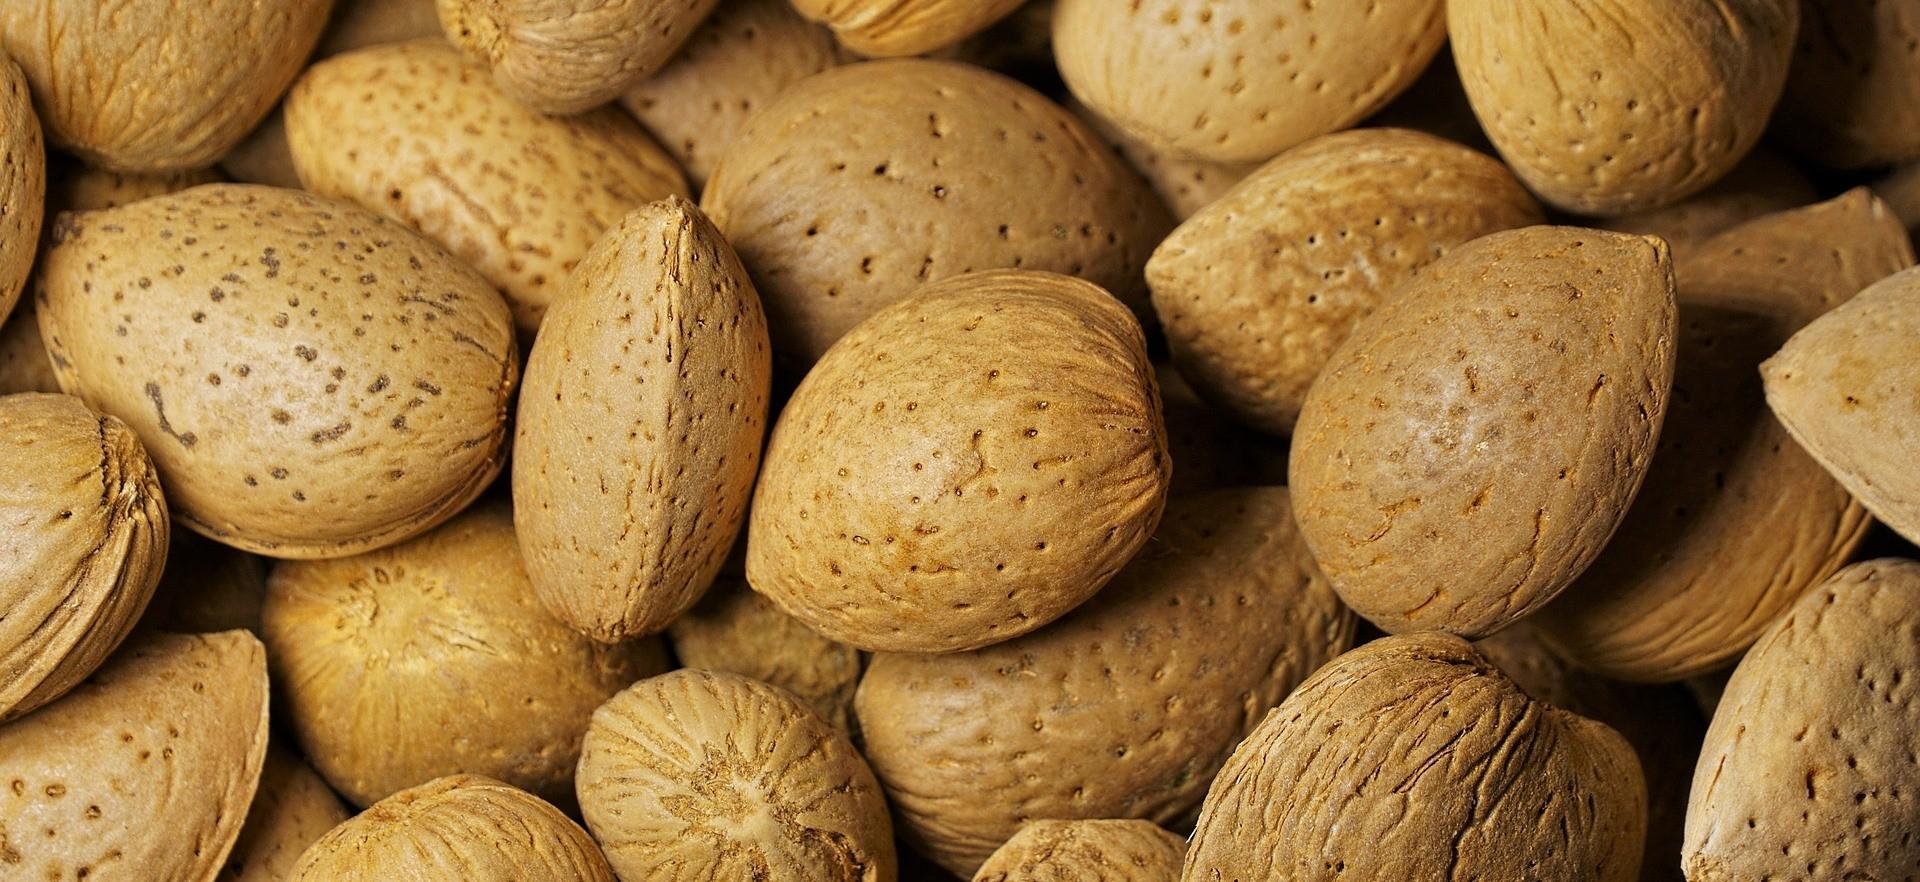 """Регулярное употребление миндаля помогает выведению """"плохого"""" холестерина из организма человека"""